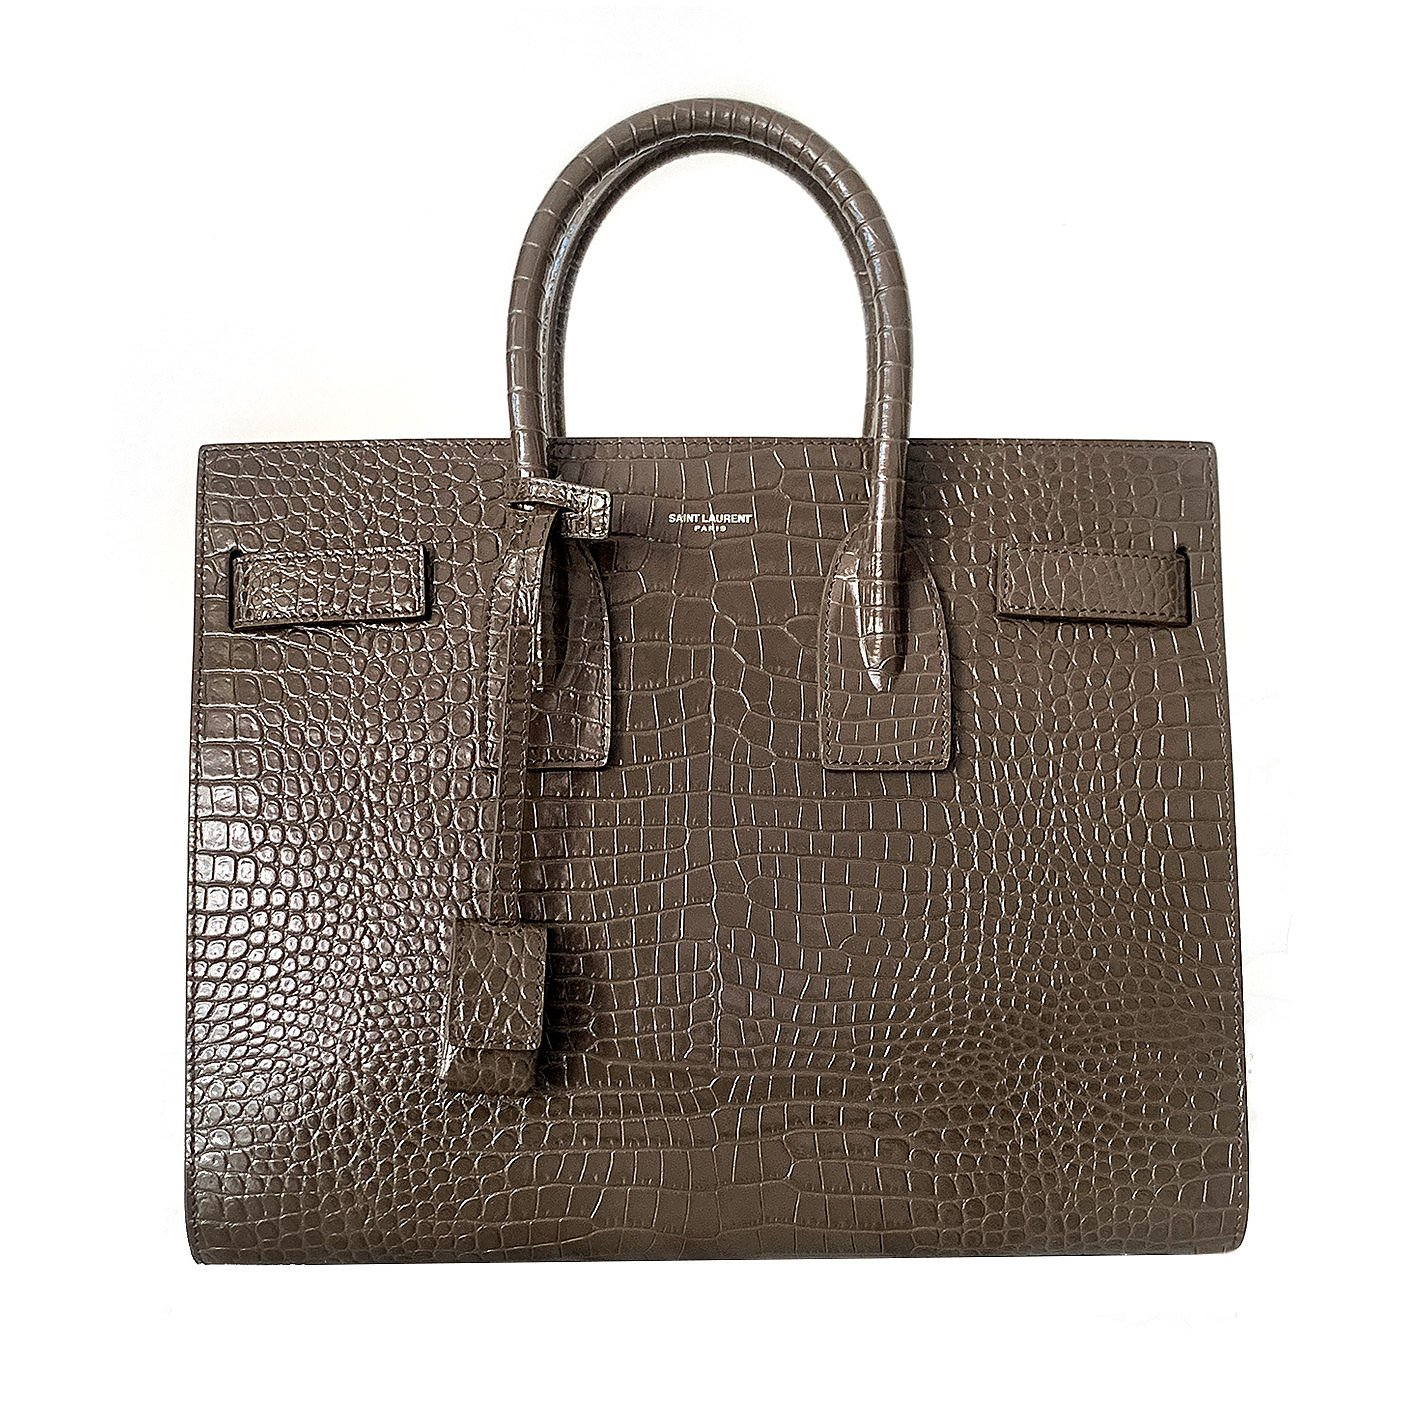 Saint Laurent Sac De Jour Small Croc-Effect Bag